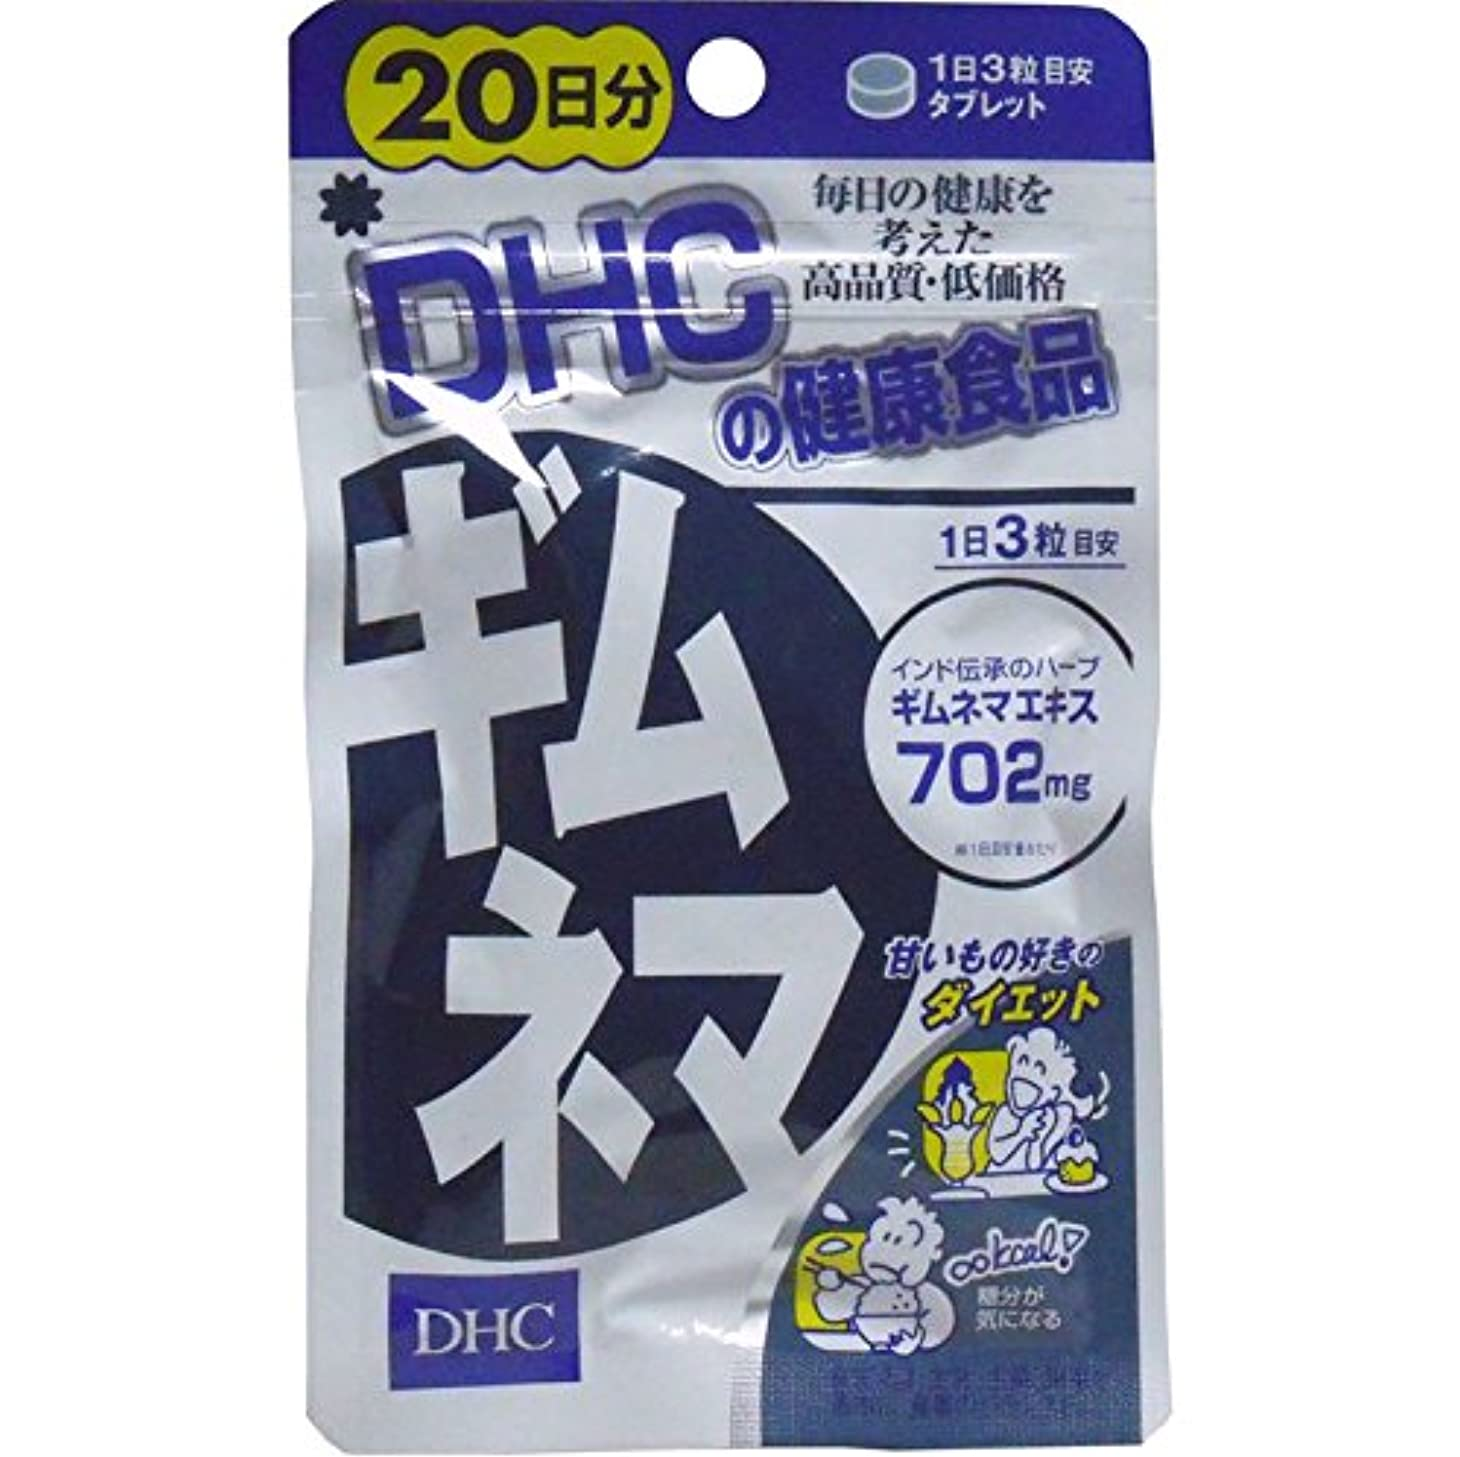 先生ゴルフ磁石ダイエット 美容 健康 糖分や炭水化物を多く摂る人に 人気商品 DHC ギムネマ 20日分 60粒【3個セット】